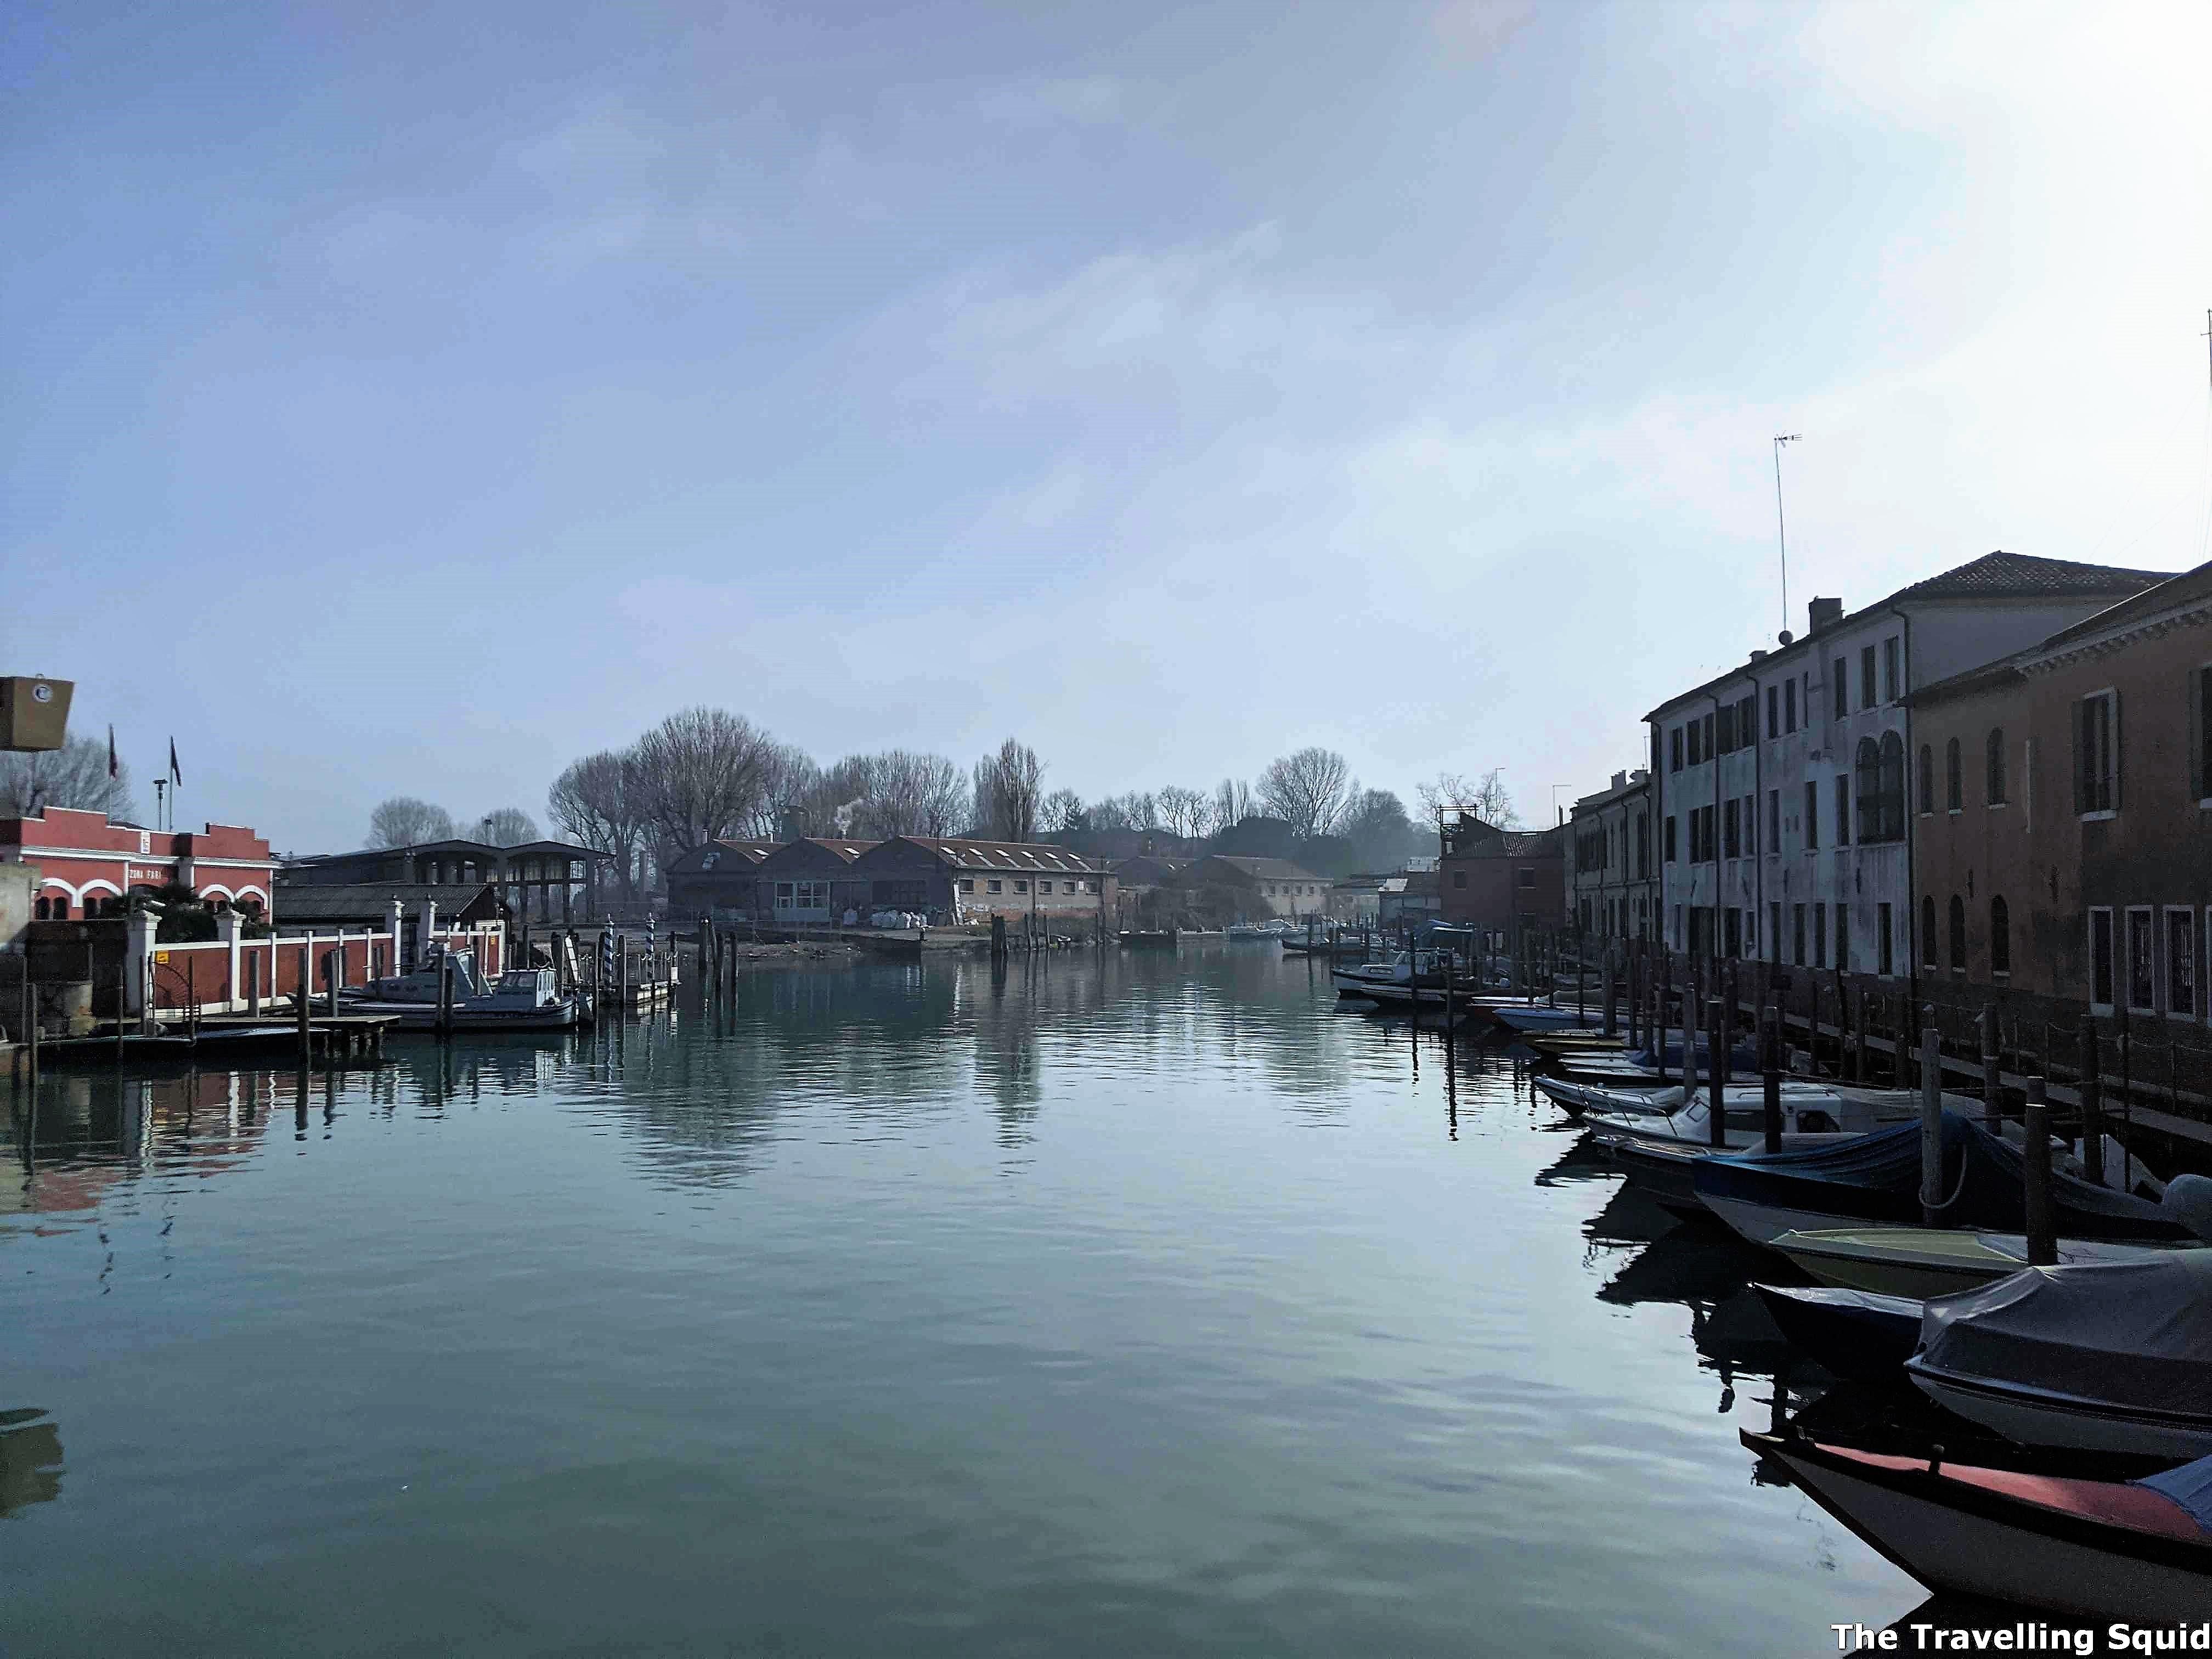 castello venice boats